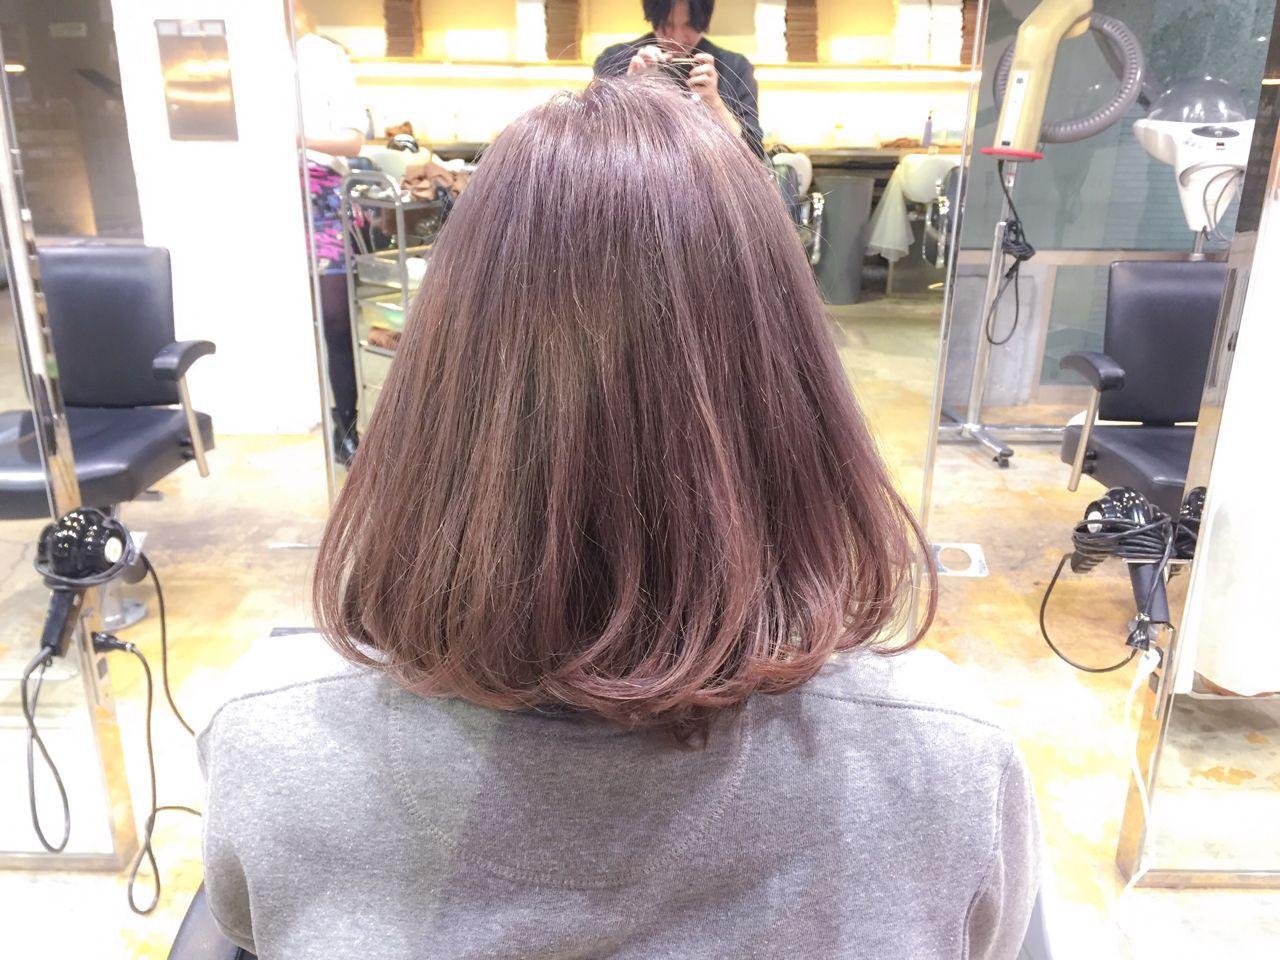 ボブ 秋 ストリート ロブヘアスタイルや髪型の写真・画像